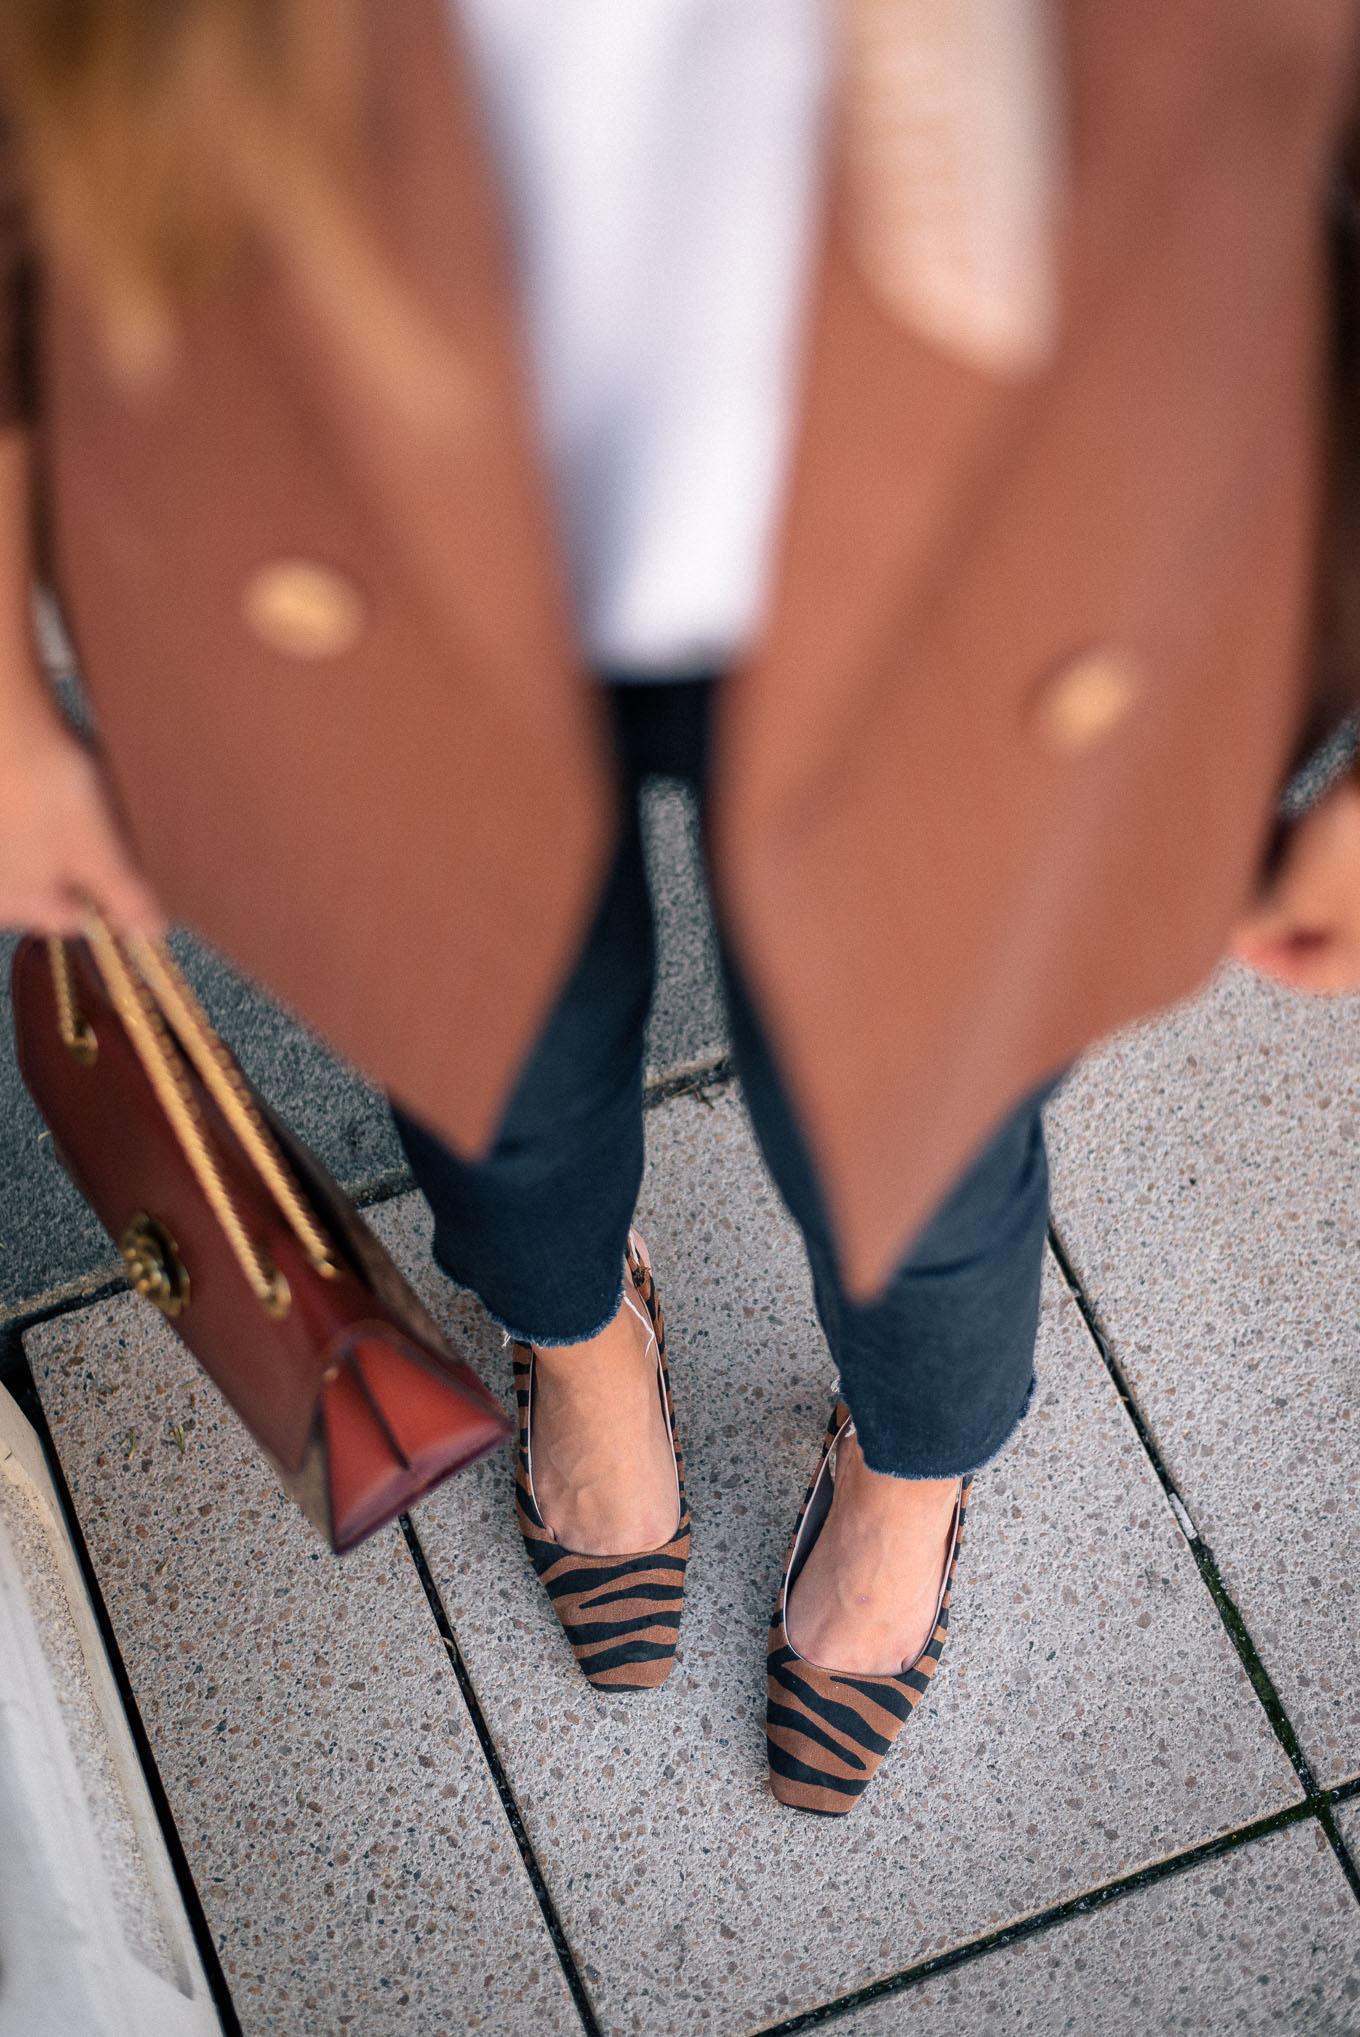 HM shoes